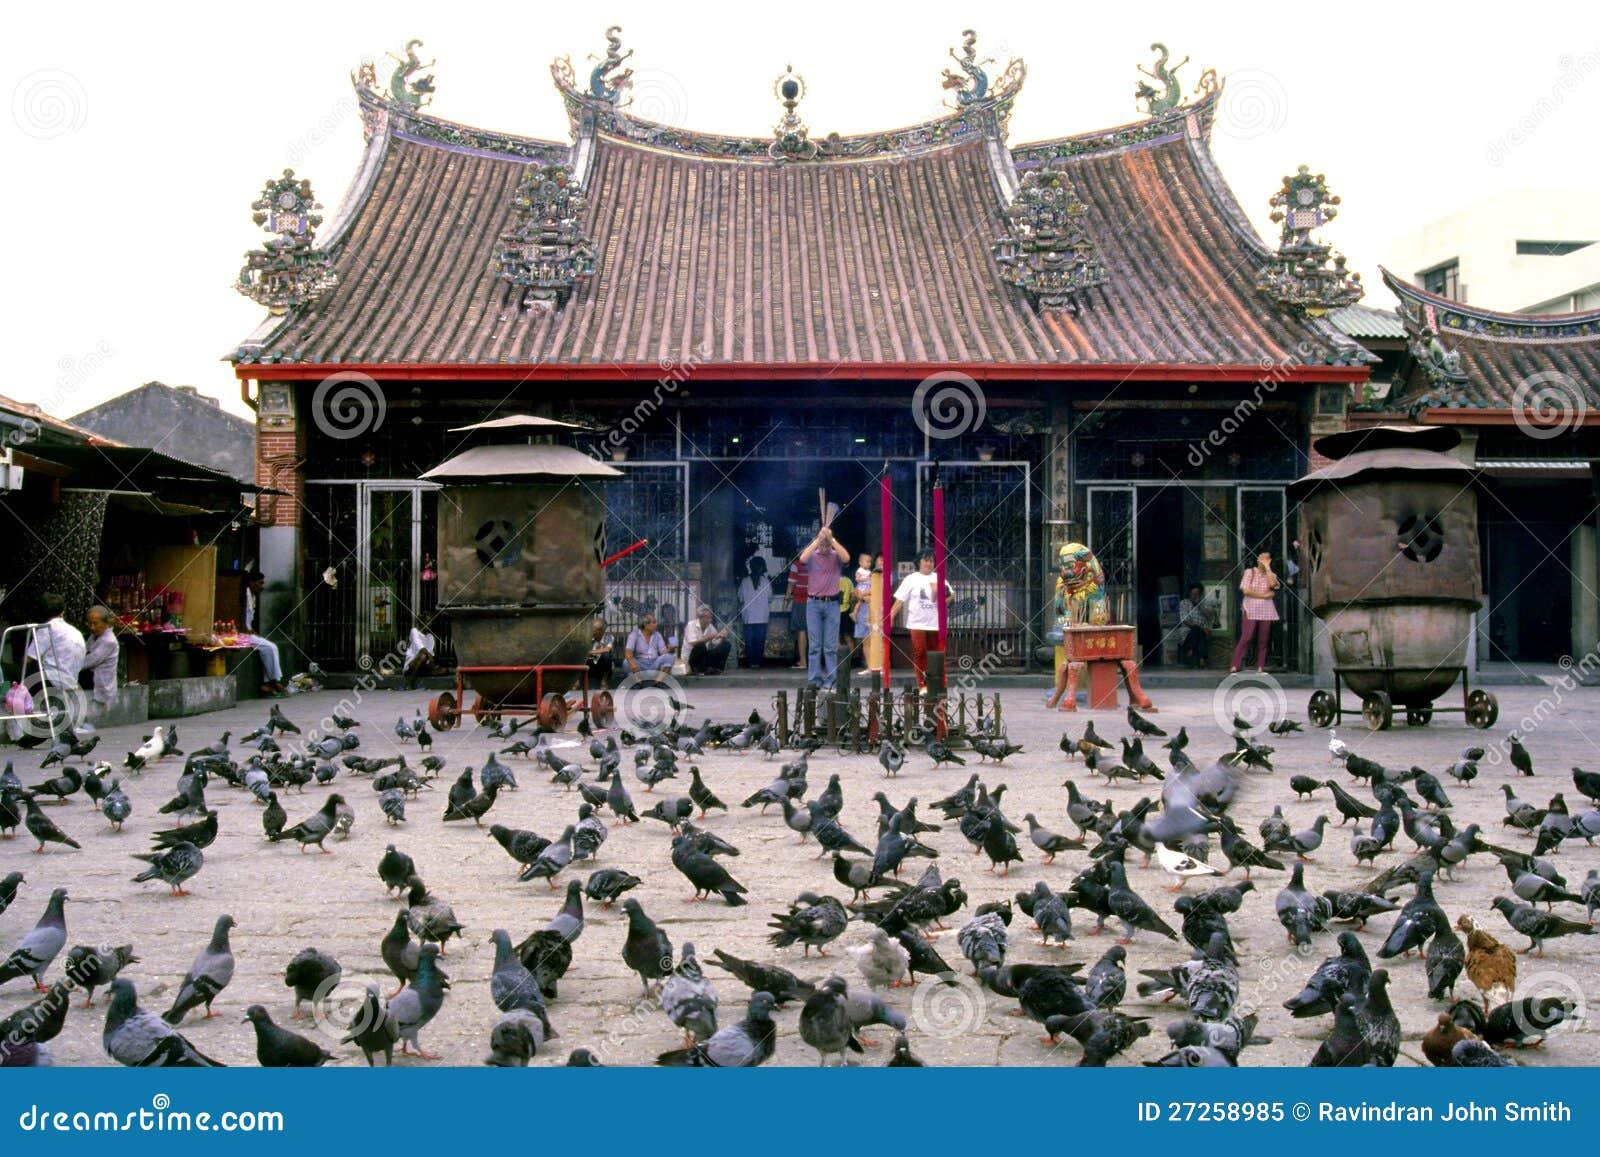 Kuan Yin Teng tempel